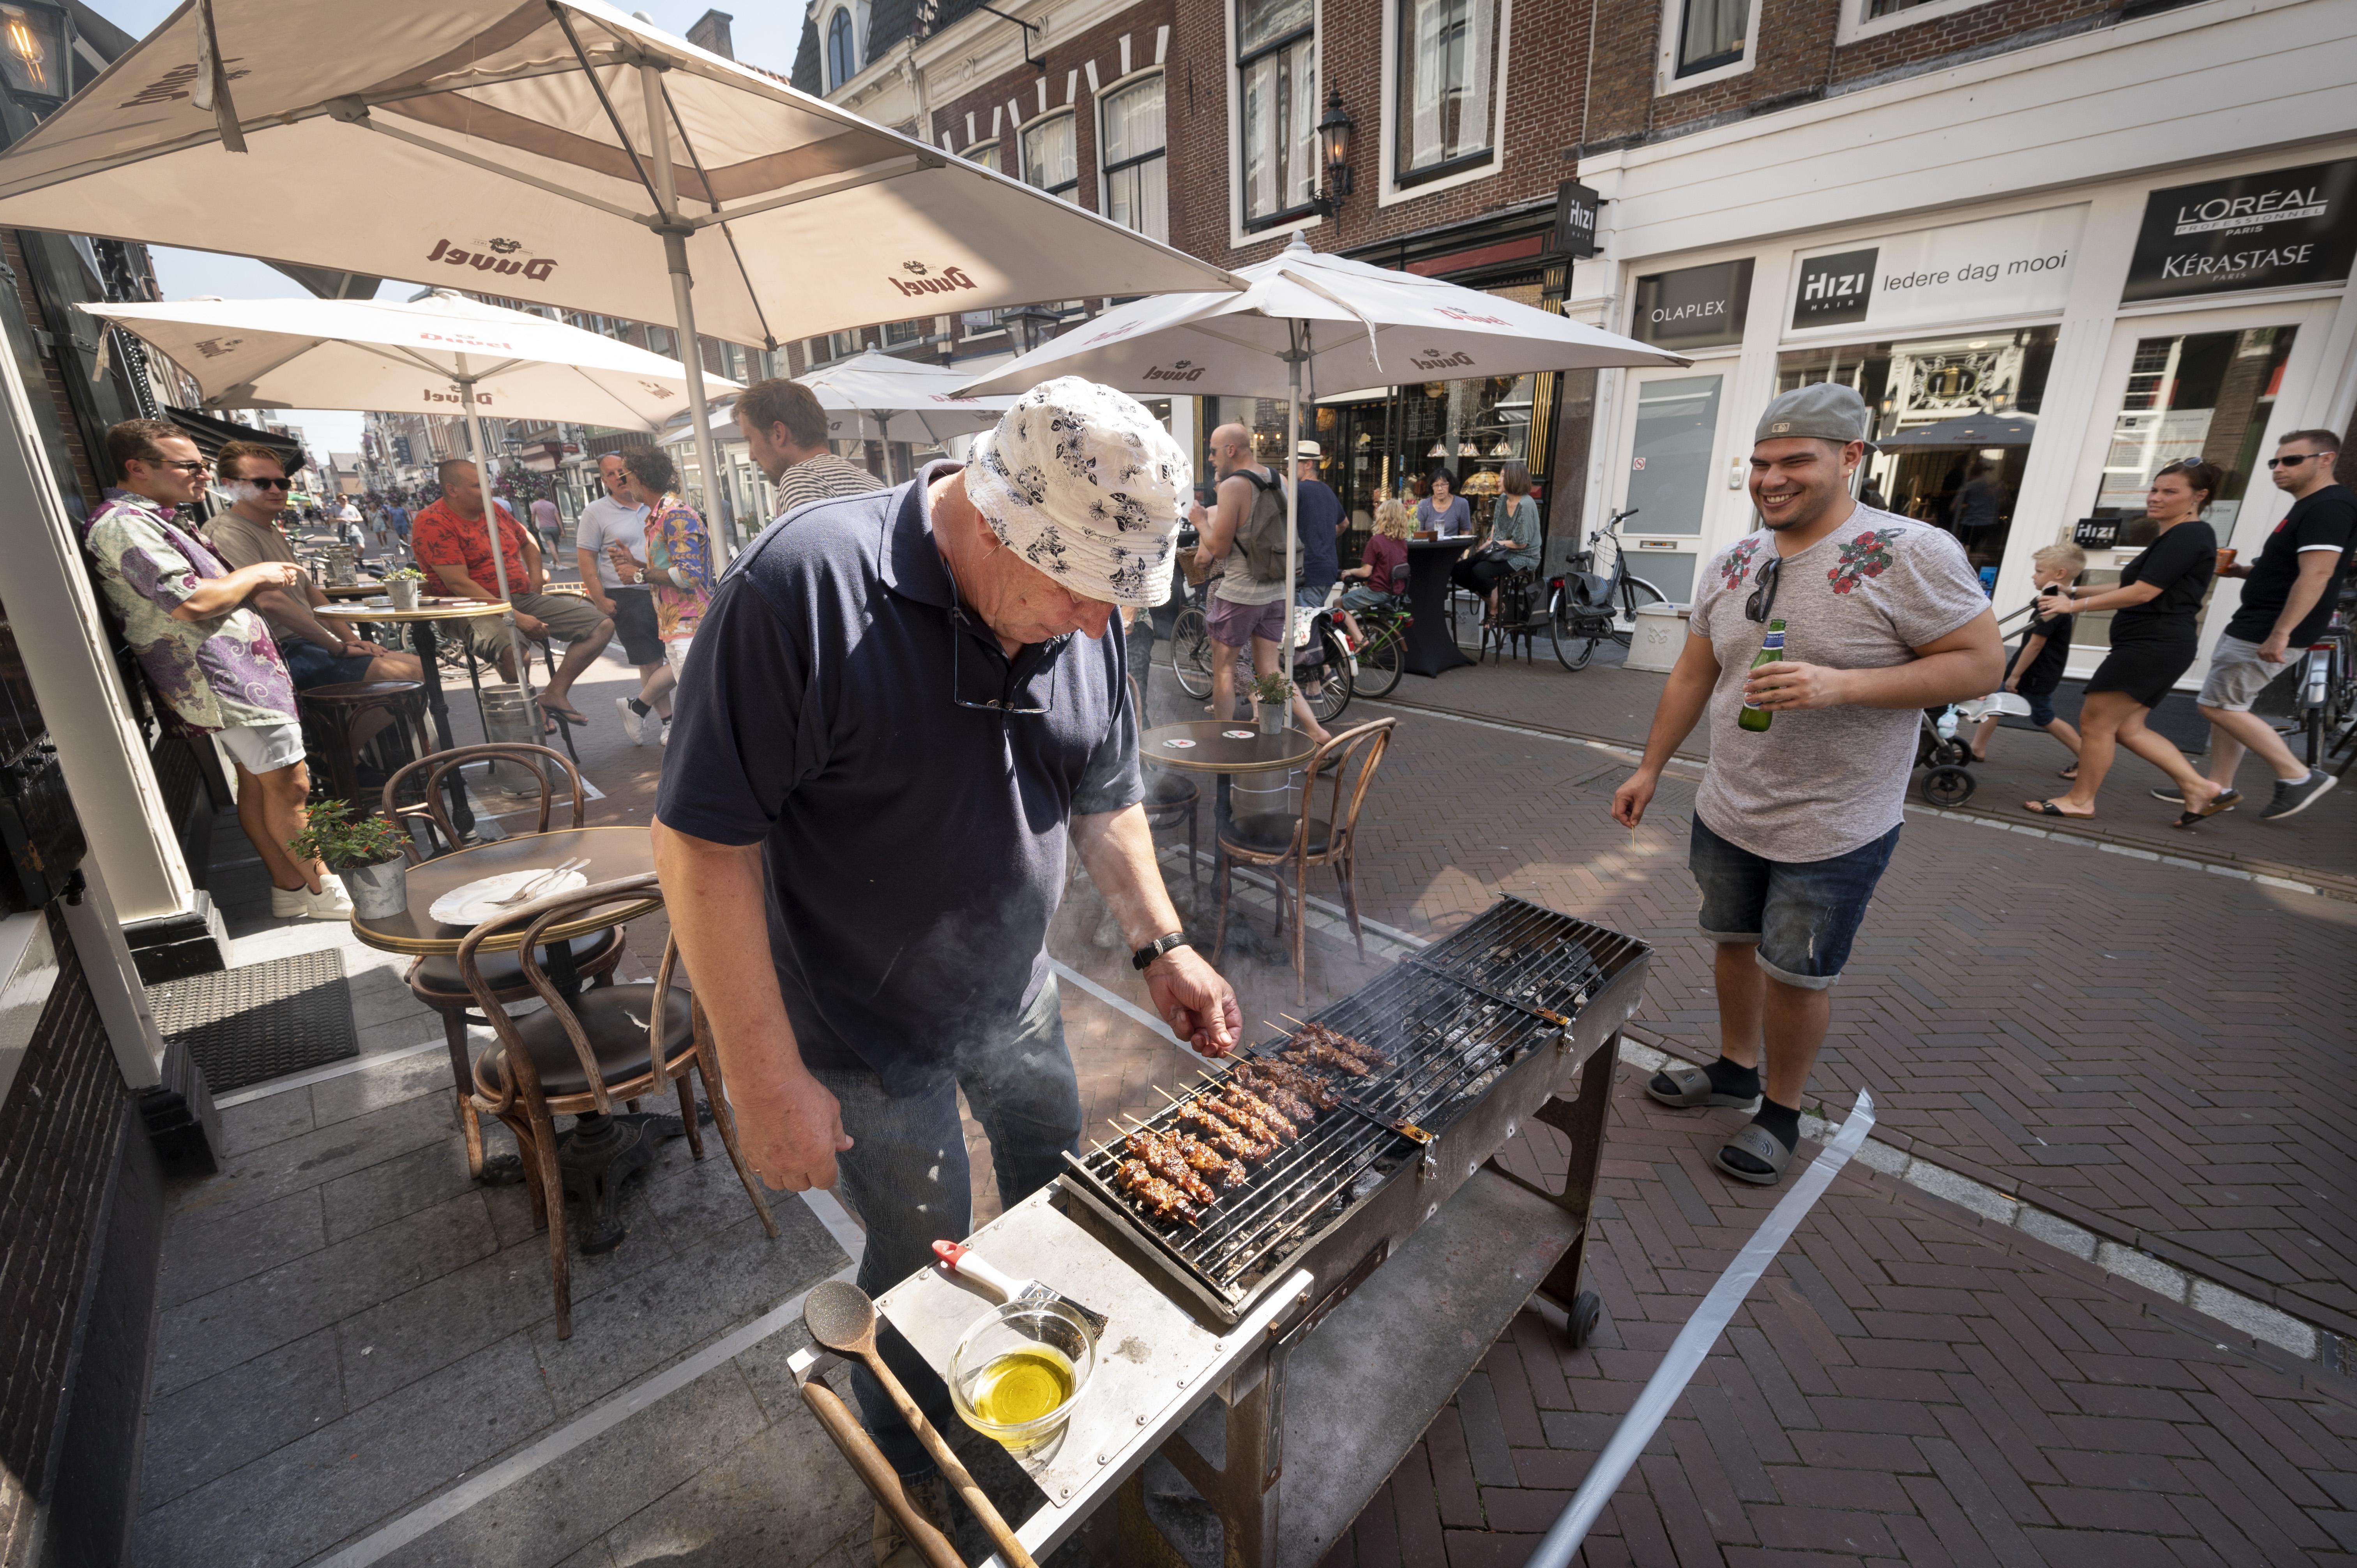 Dertien deelnemers strijden in café De Vergulde Kruik om bokaal voor de lekkerste varkenssaté van Leiden